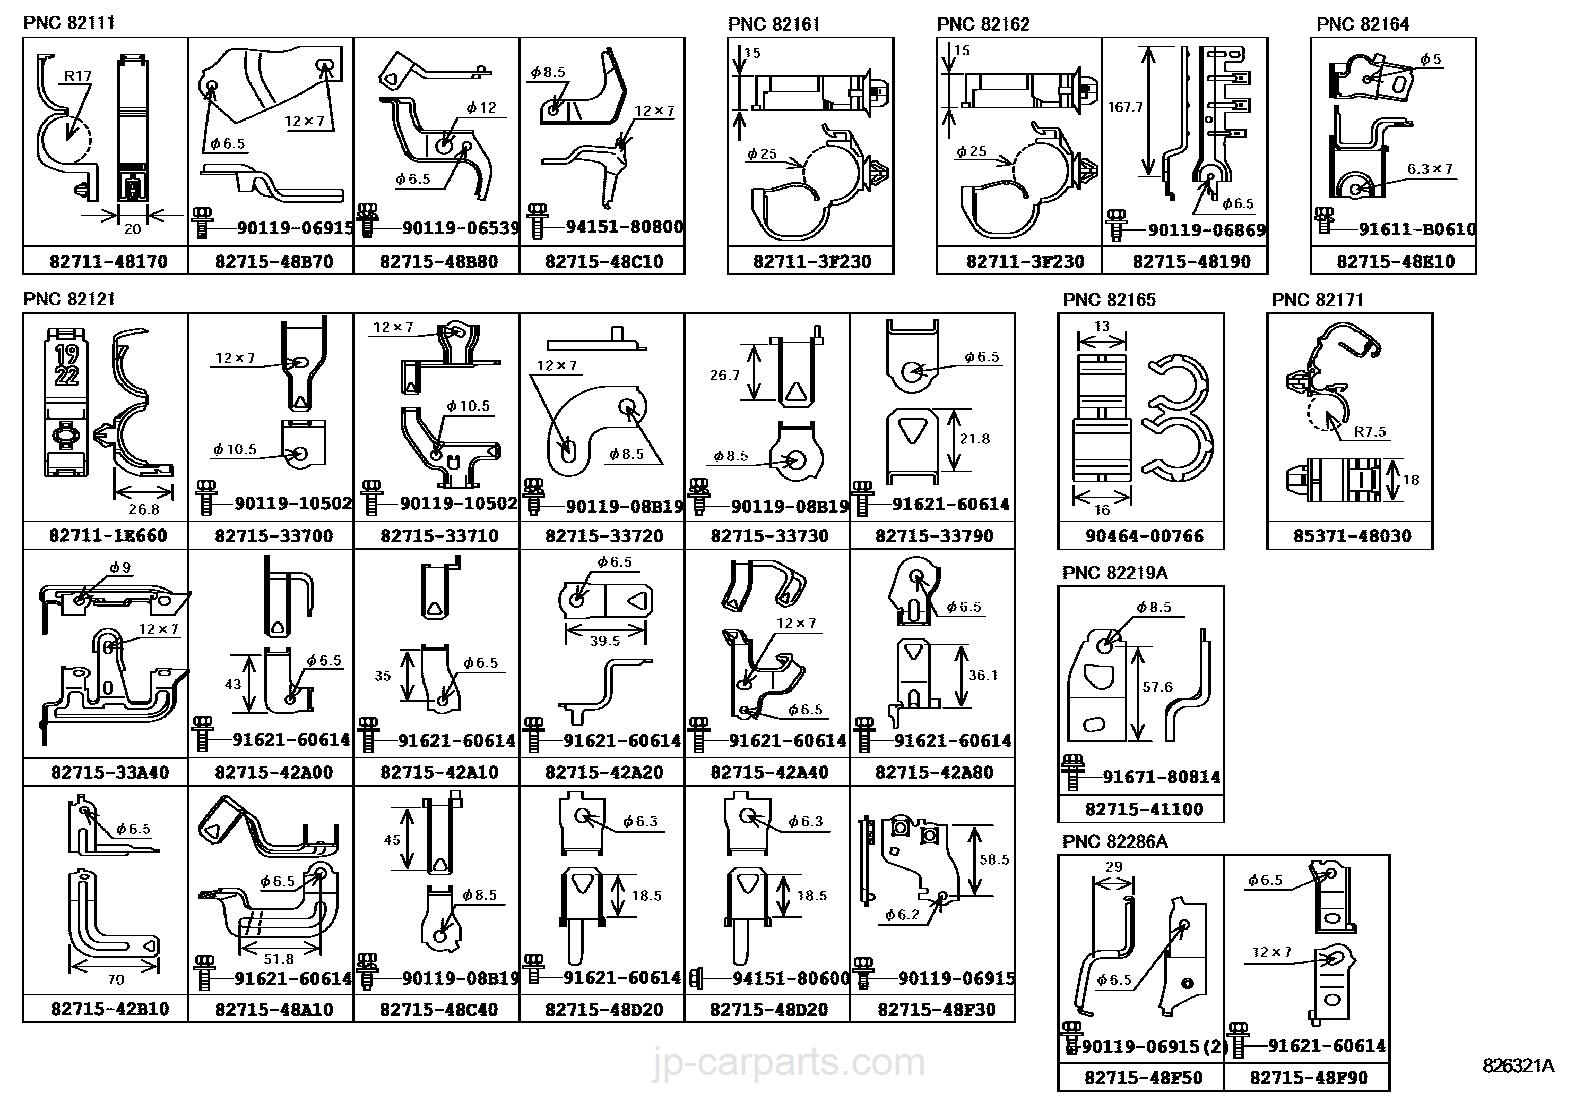 honda beat motorcycle wiring diagram wiring diagrams wiring harness honda beat car diagram